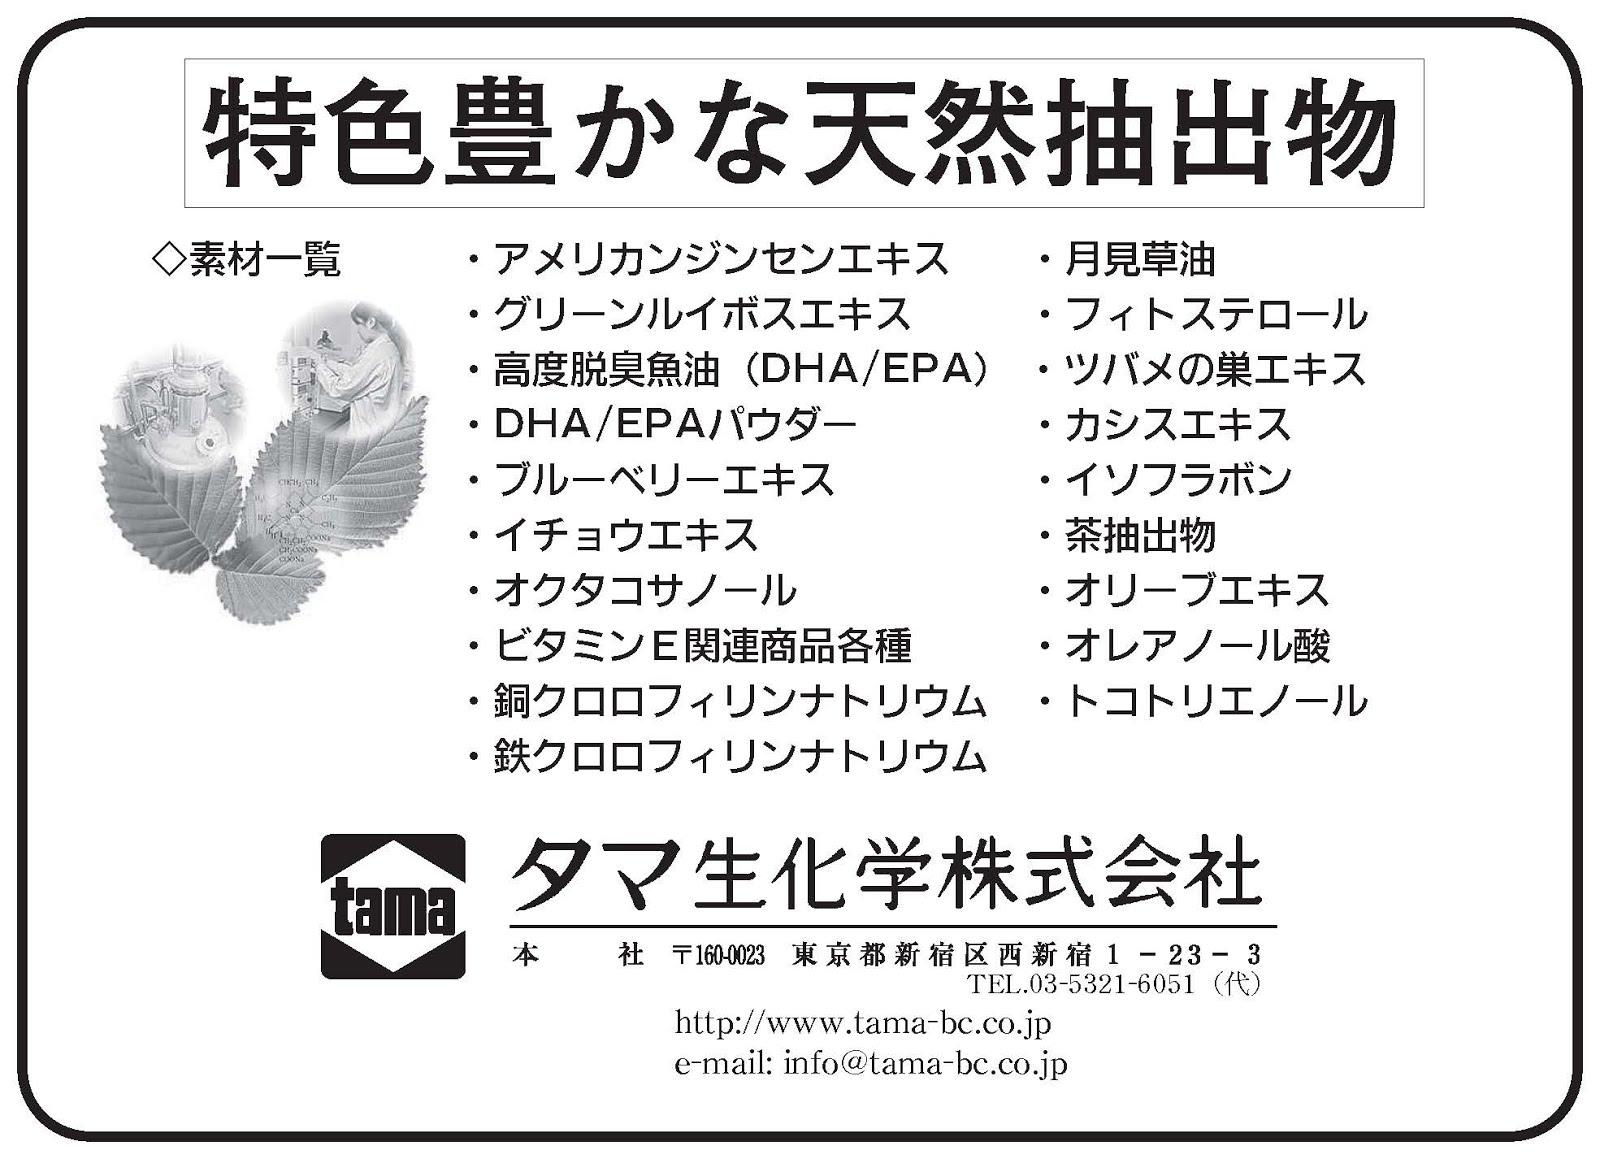 タマ生化学㈱広告